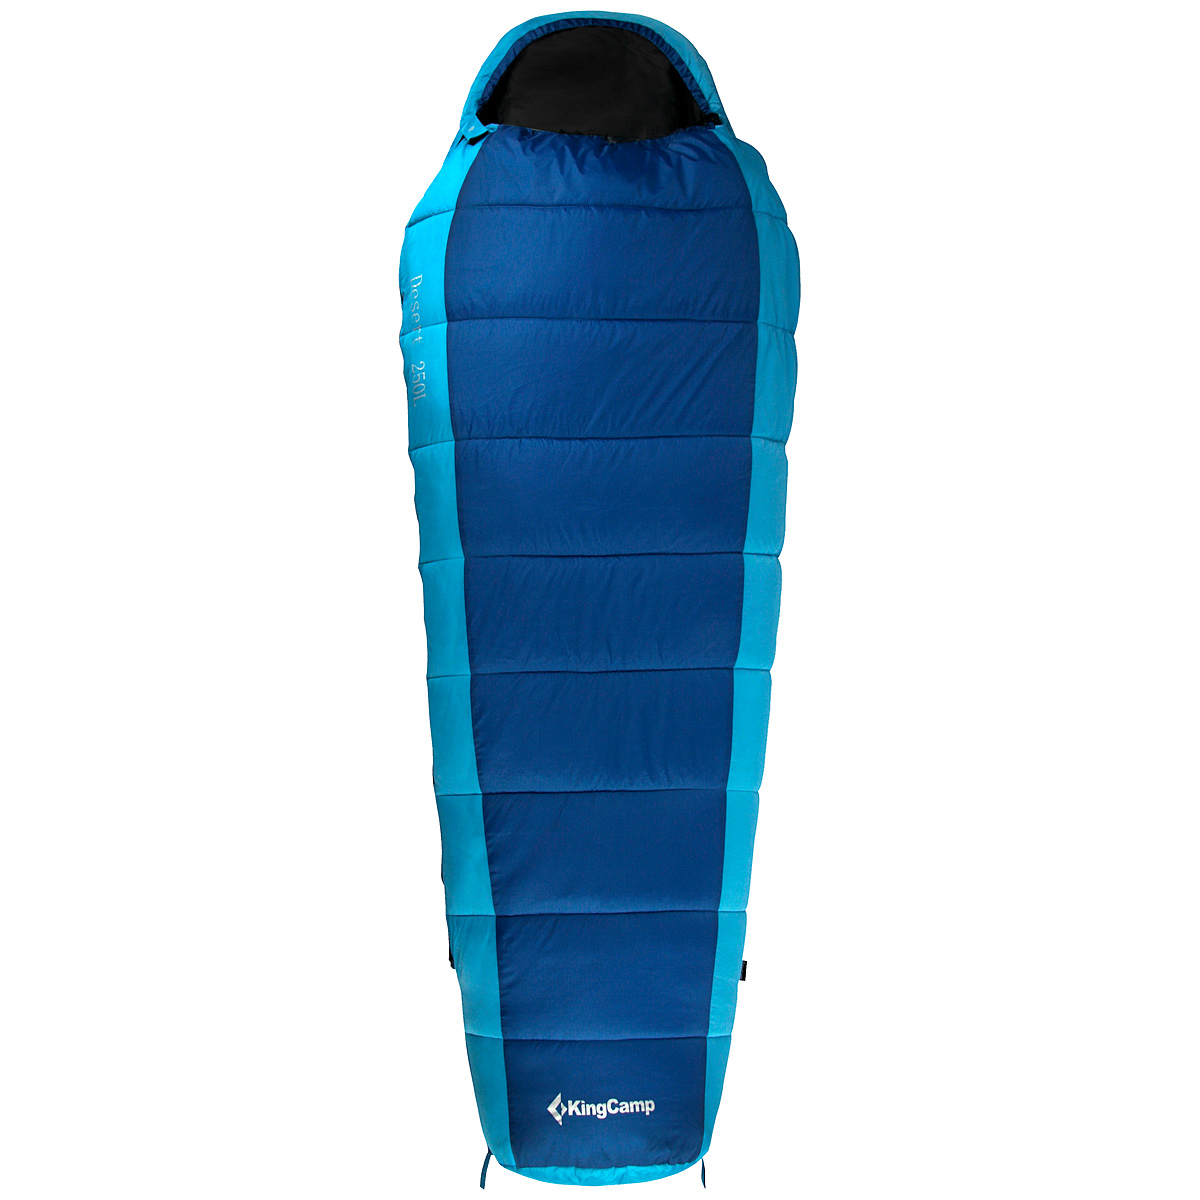 Спальный мешок-кокон KingCamp Desert 250L KS3185, правосторонняя молния, цвет: синий спальный мешок kingcamp treck 300 ks3131 правосторонняя молния цвет серый